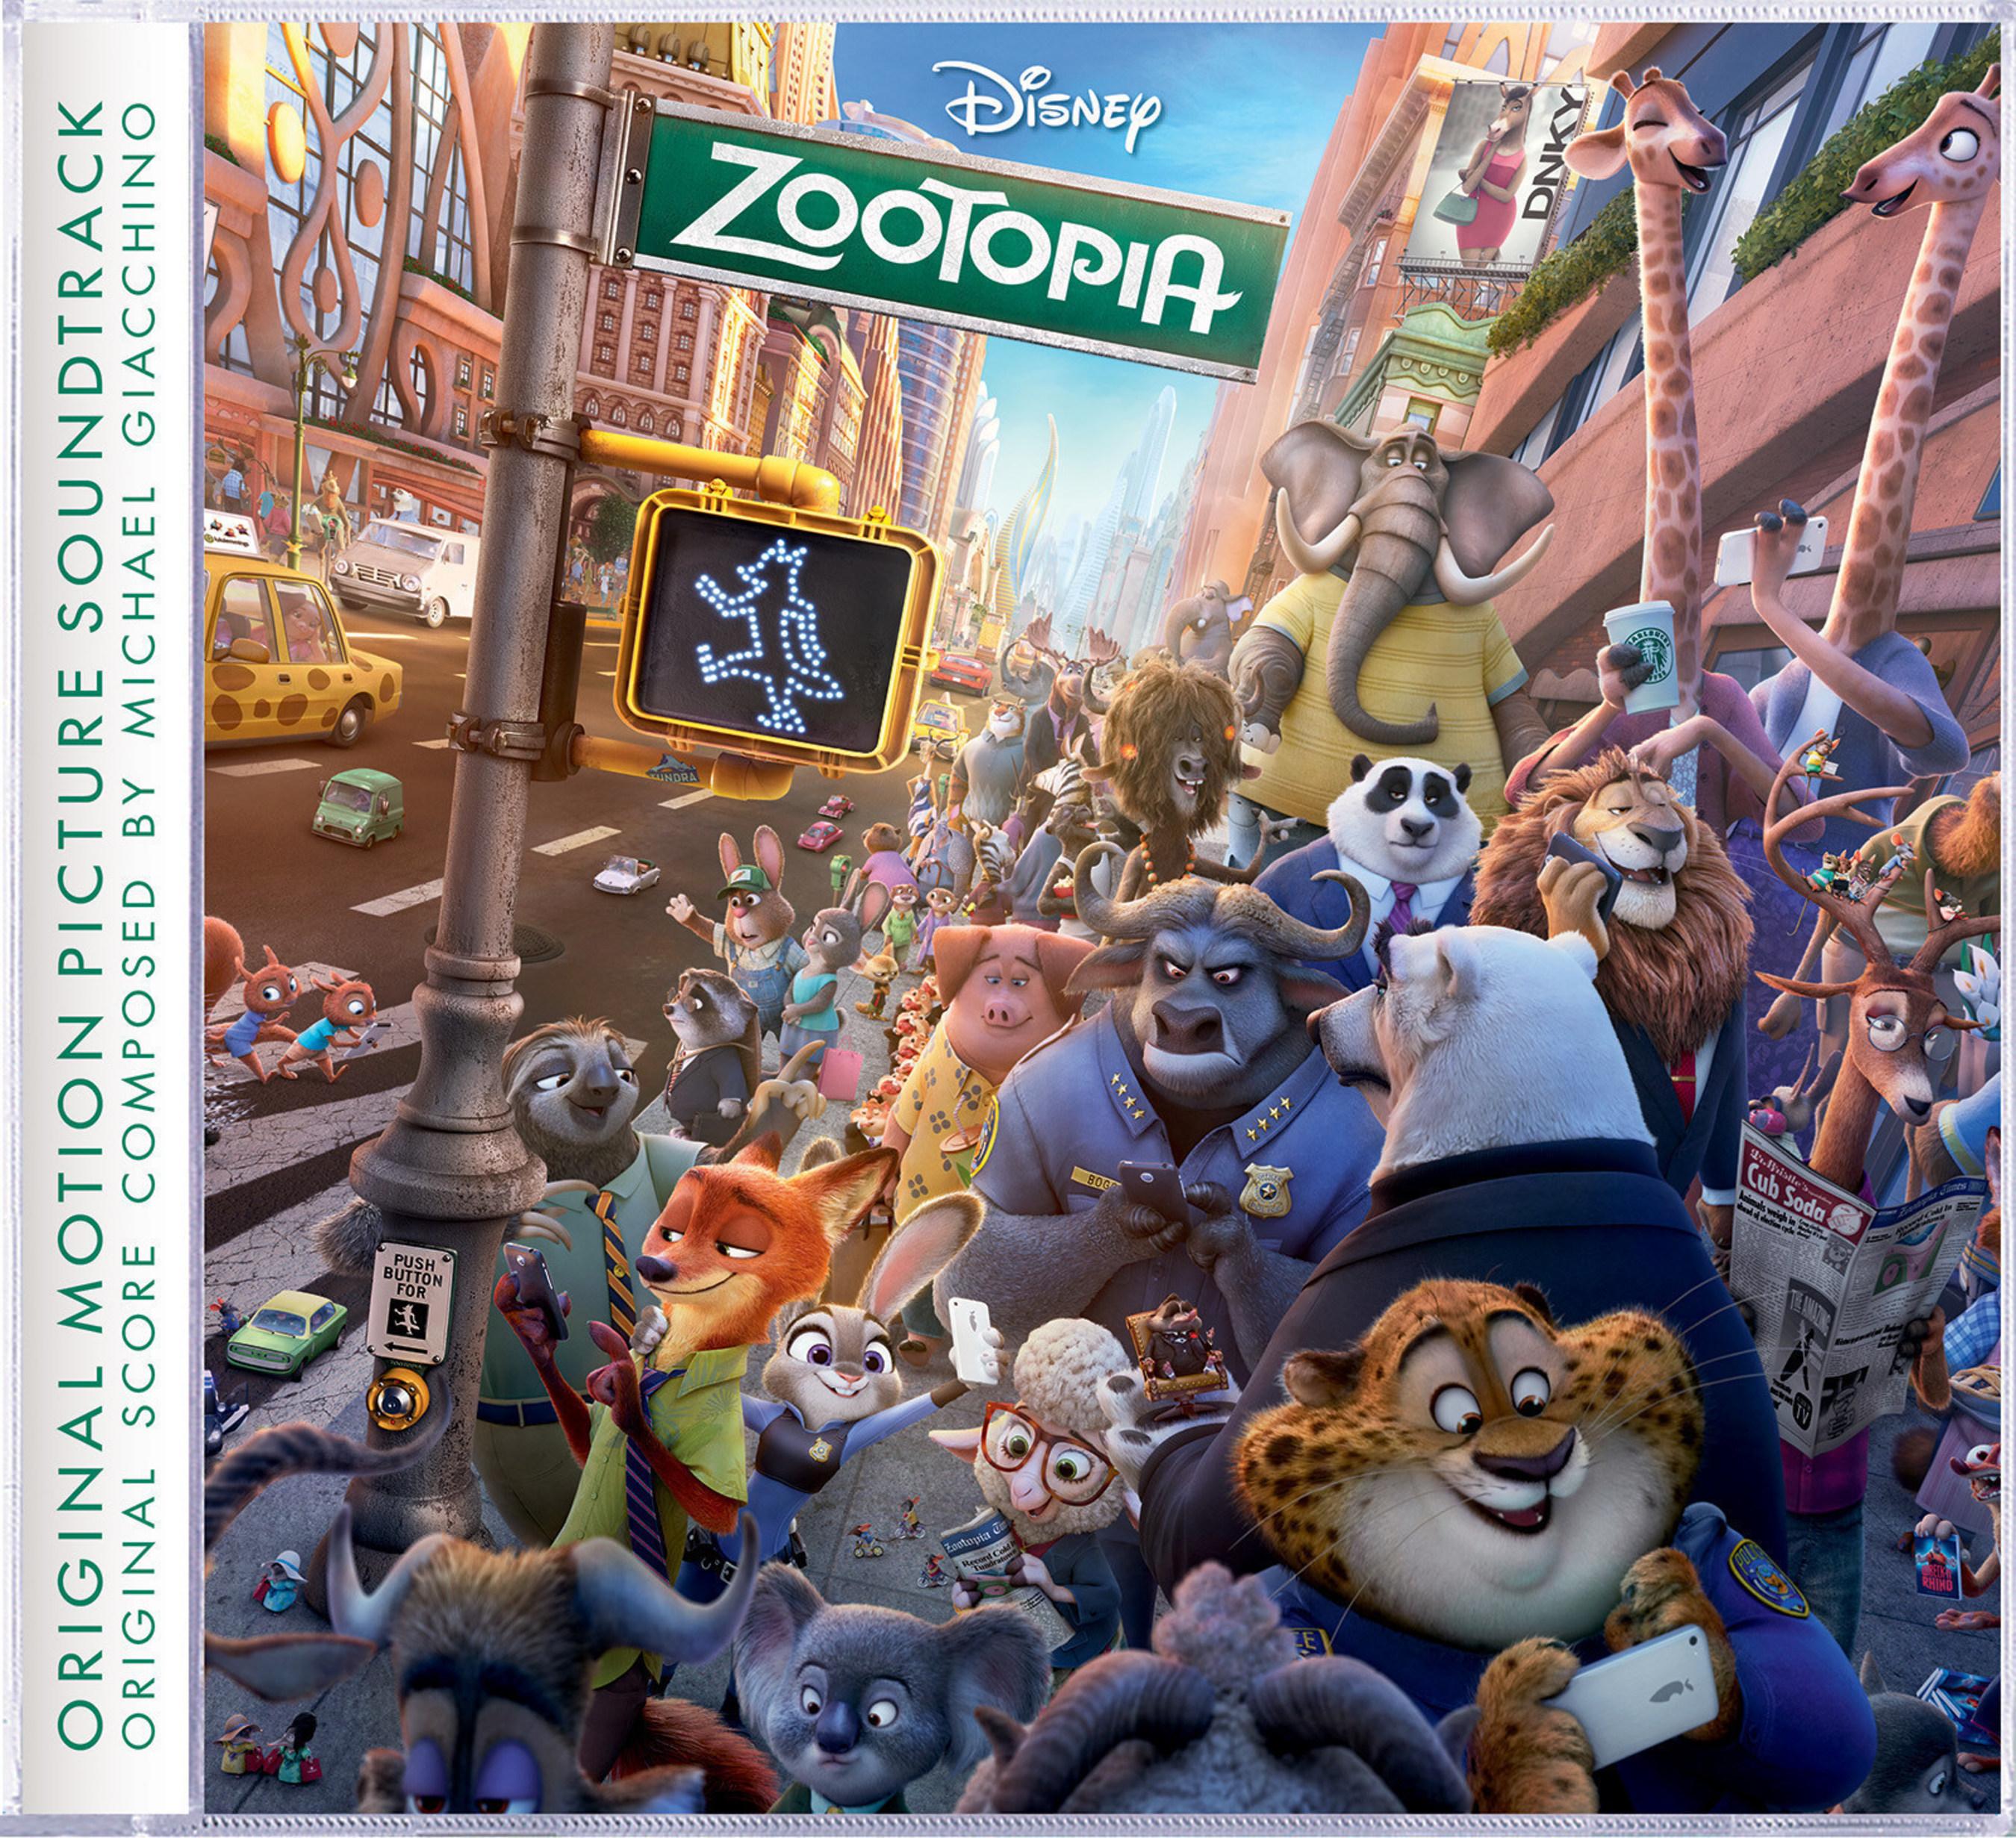 Zootopia cover art